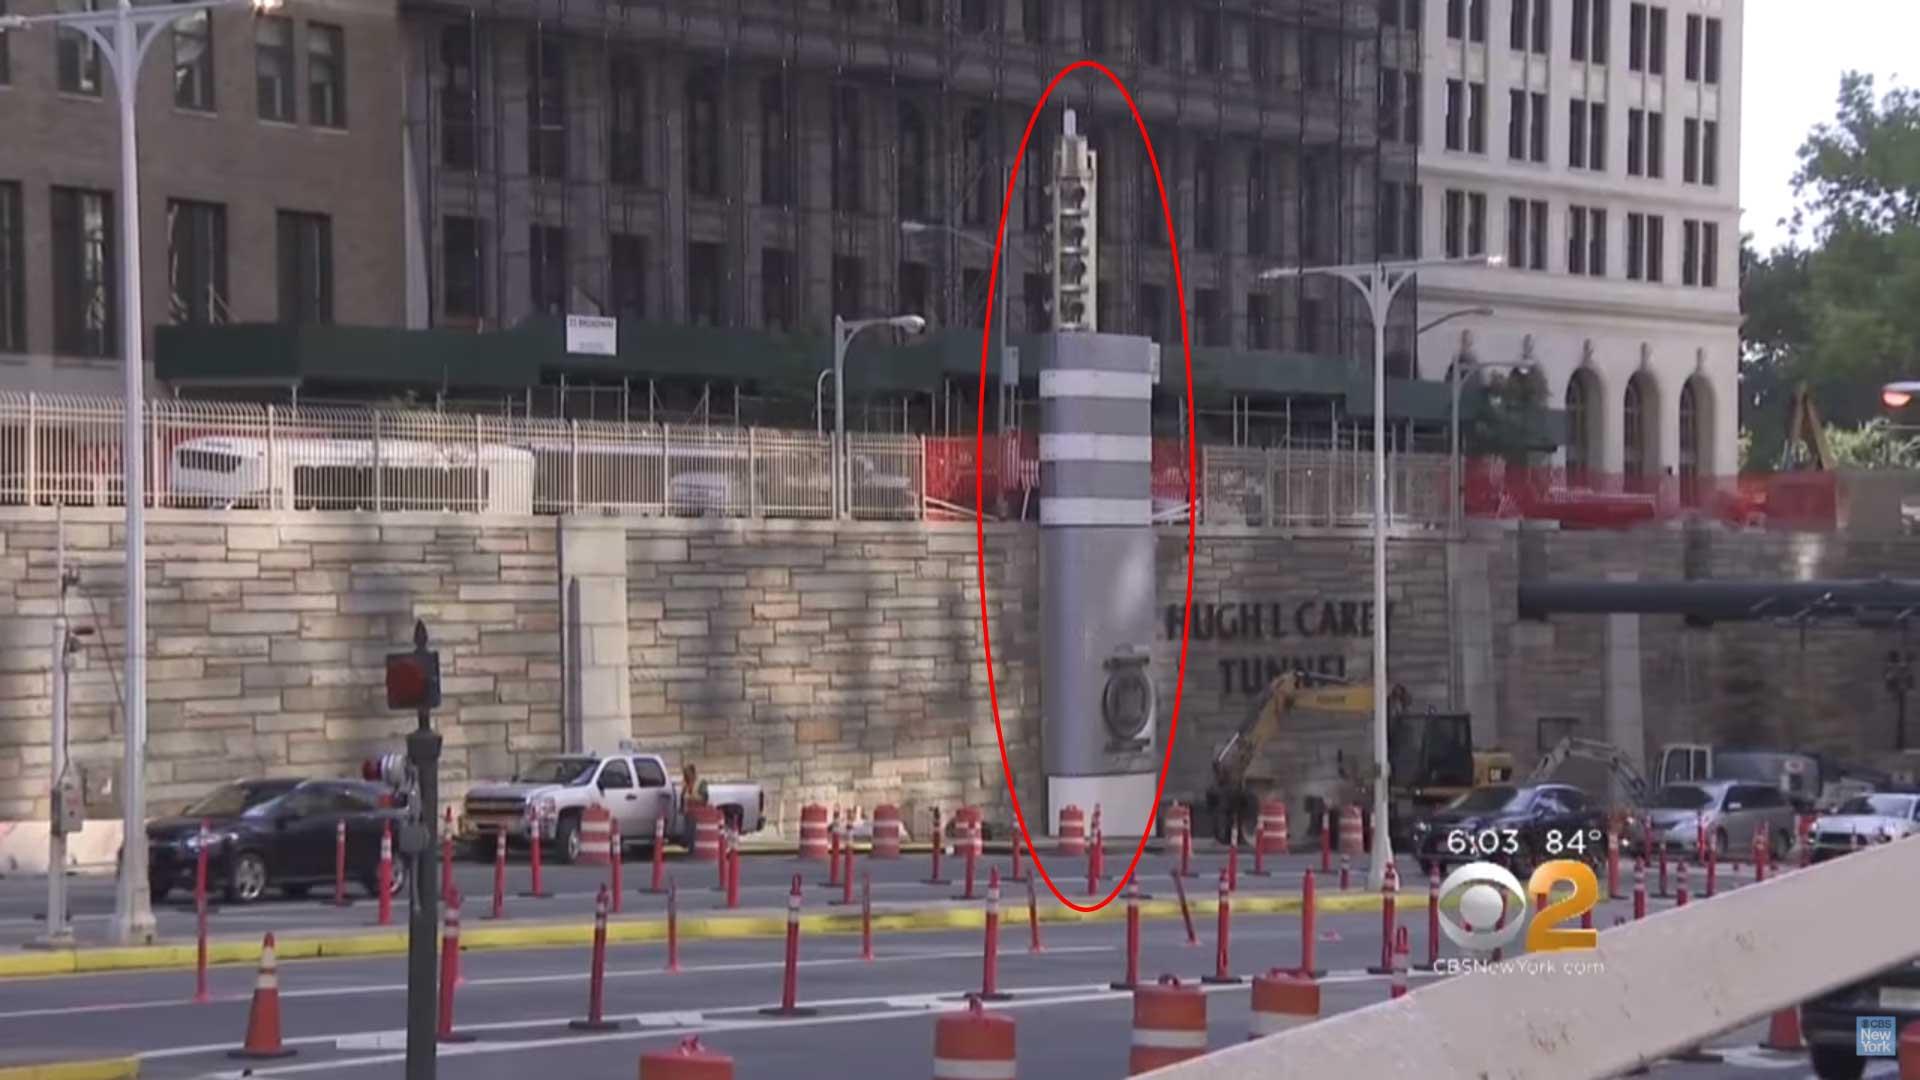 ¿Qué son estas misteriosas torres metálicas que están por toda la ciudad de Nueva York?